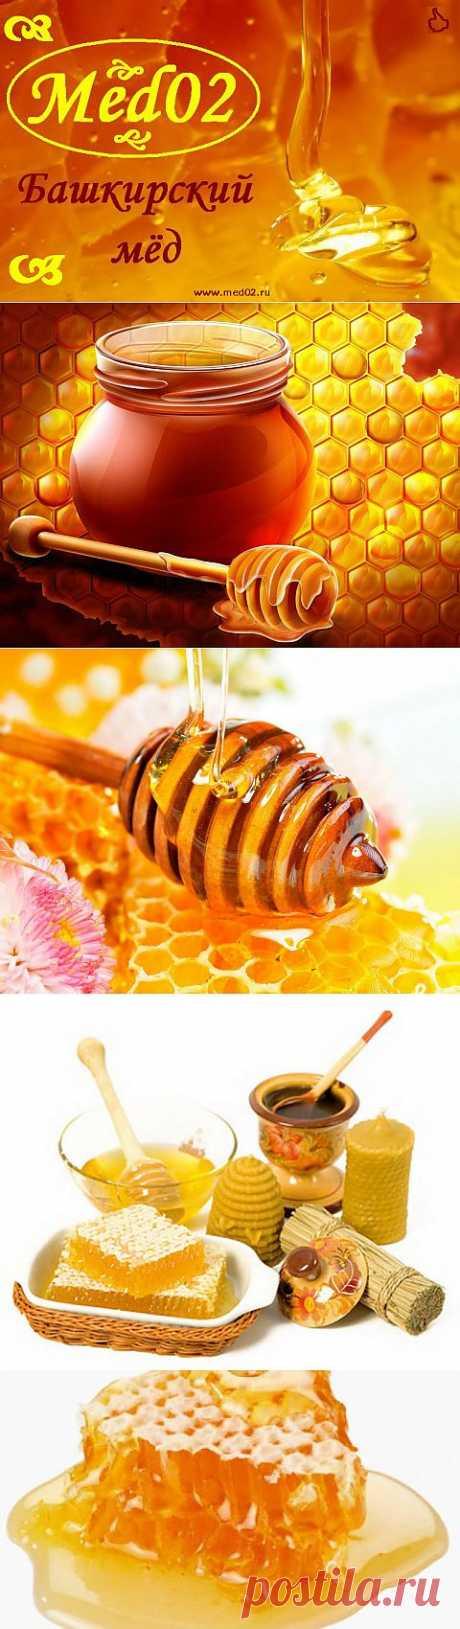 Башкирский мёд - Med02